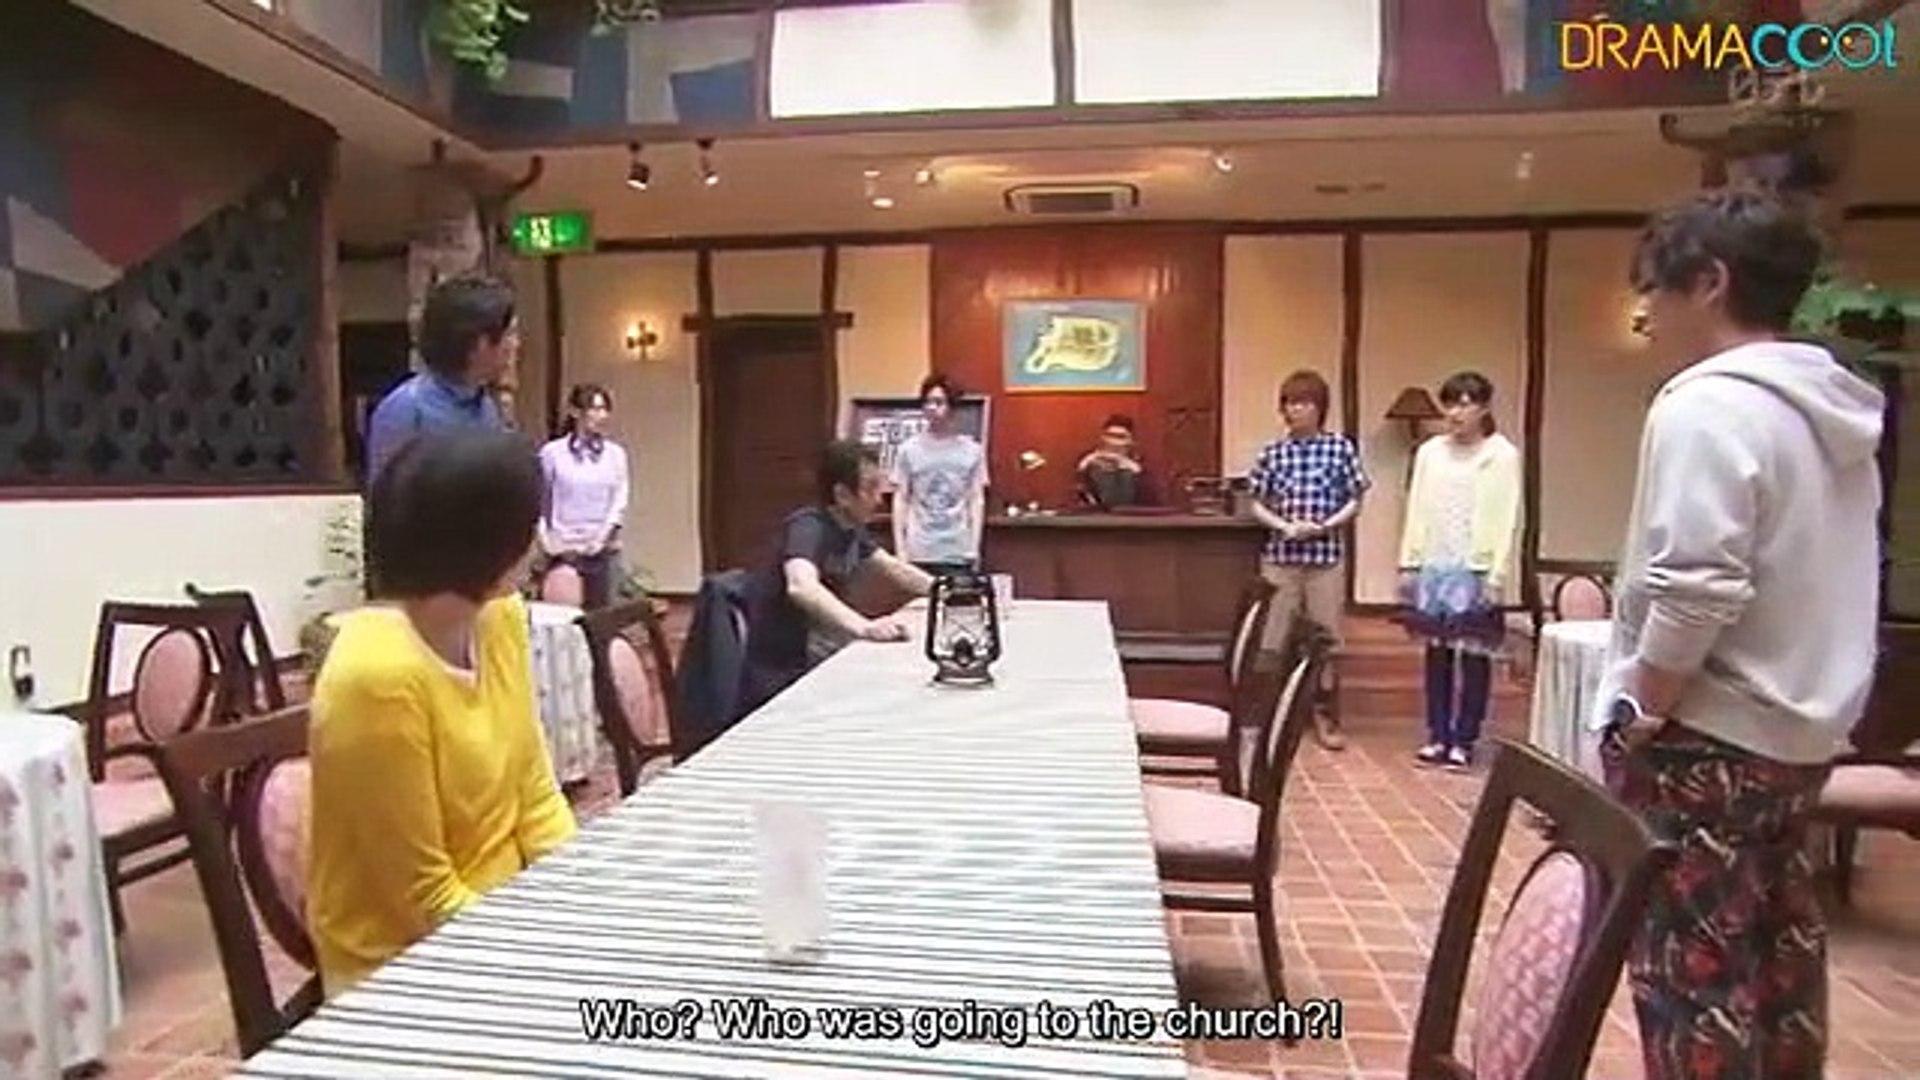 事件 簿 neo 動画 金田一 少年 の 金田一少年の事件簿 (テレビドラマ)